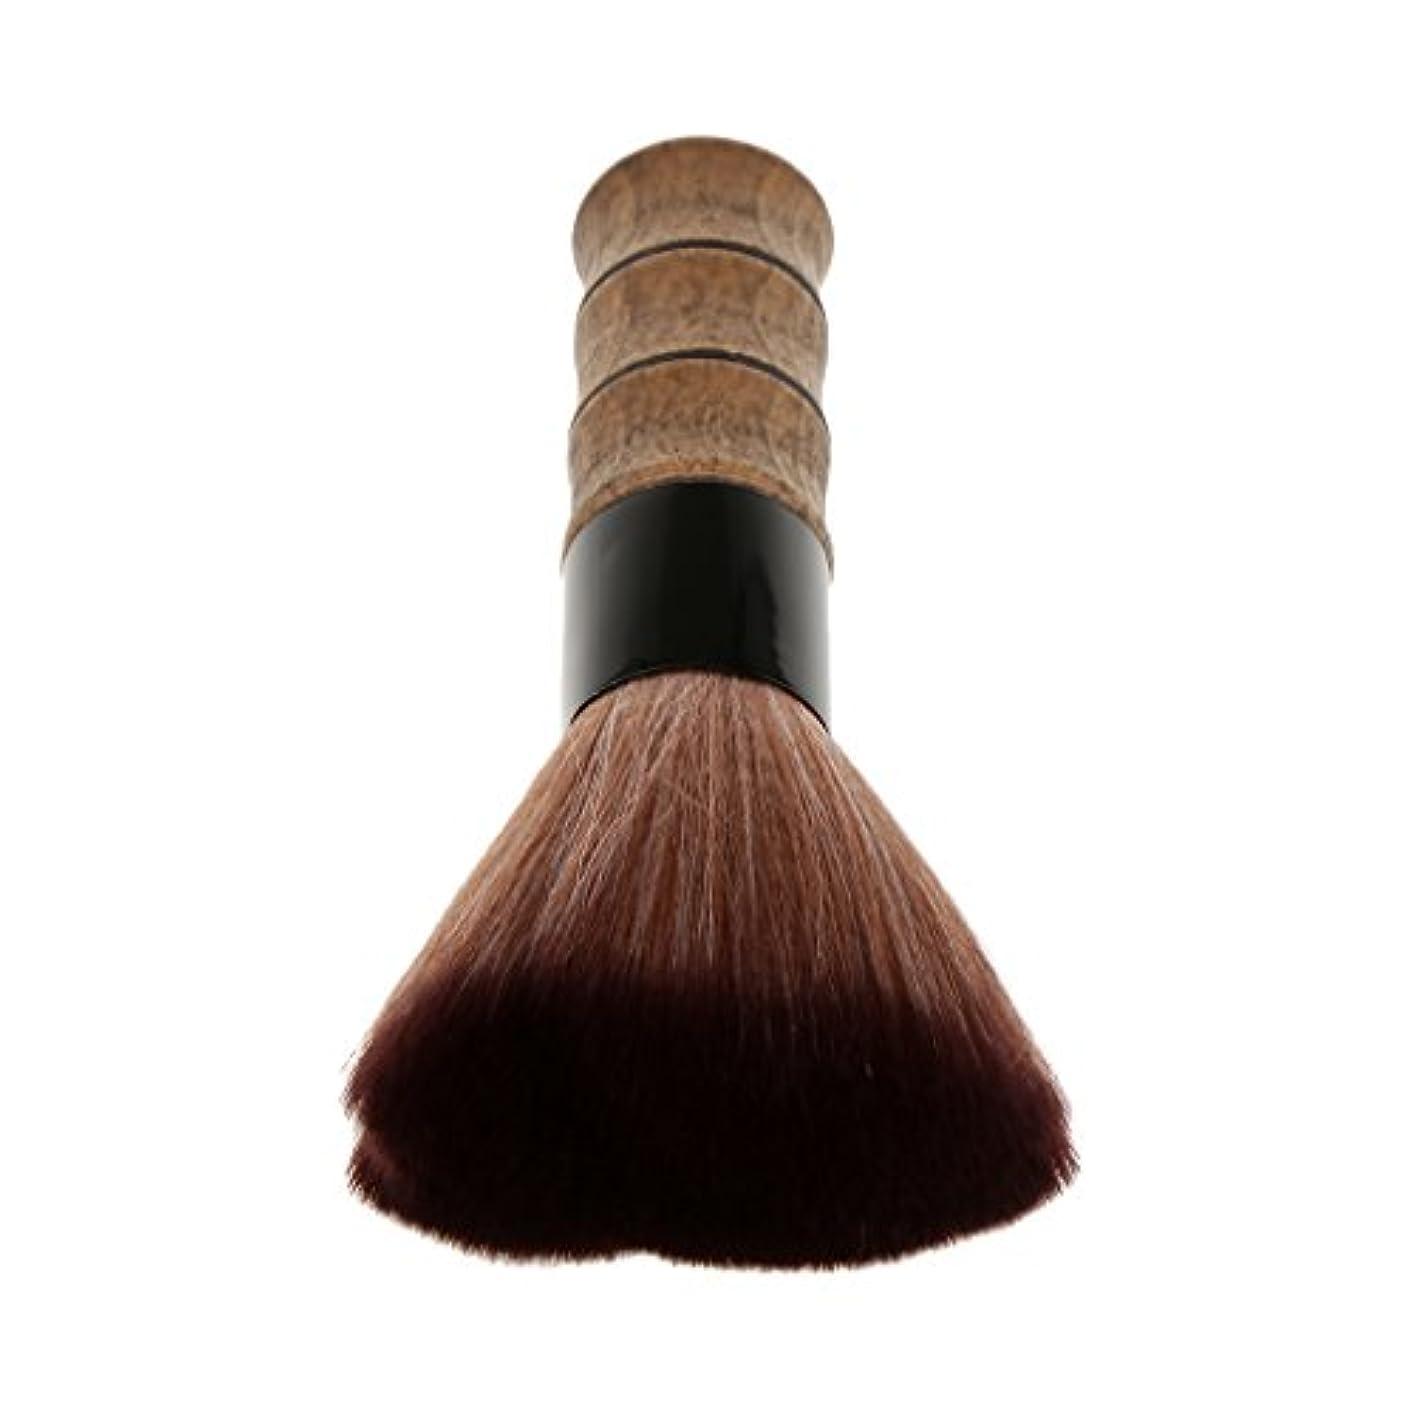 偏見関係ない迷惑顔の首の毛の切断の塵の剃るブラシの顔の赤面の粉の構造のブラシ - 褐色